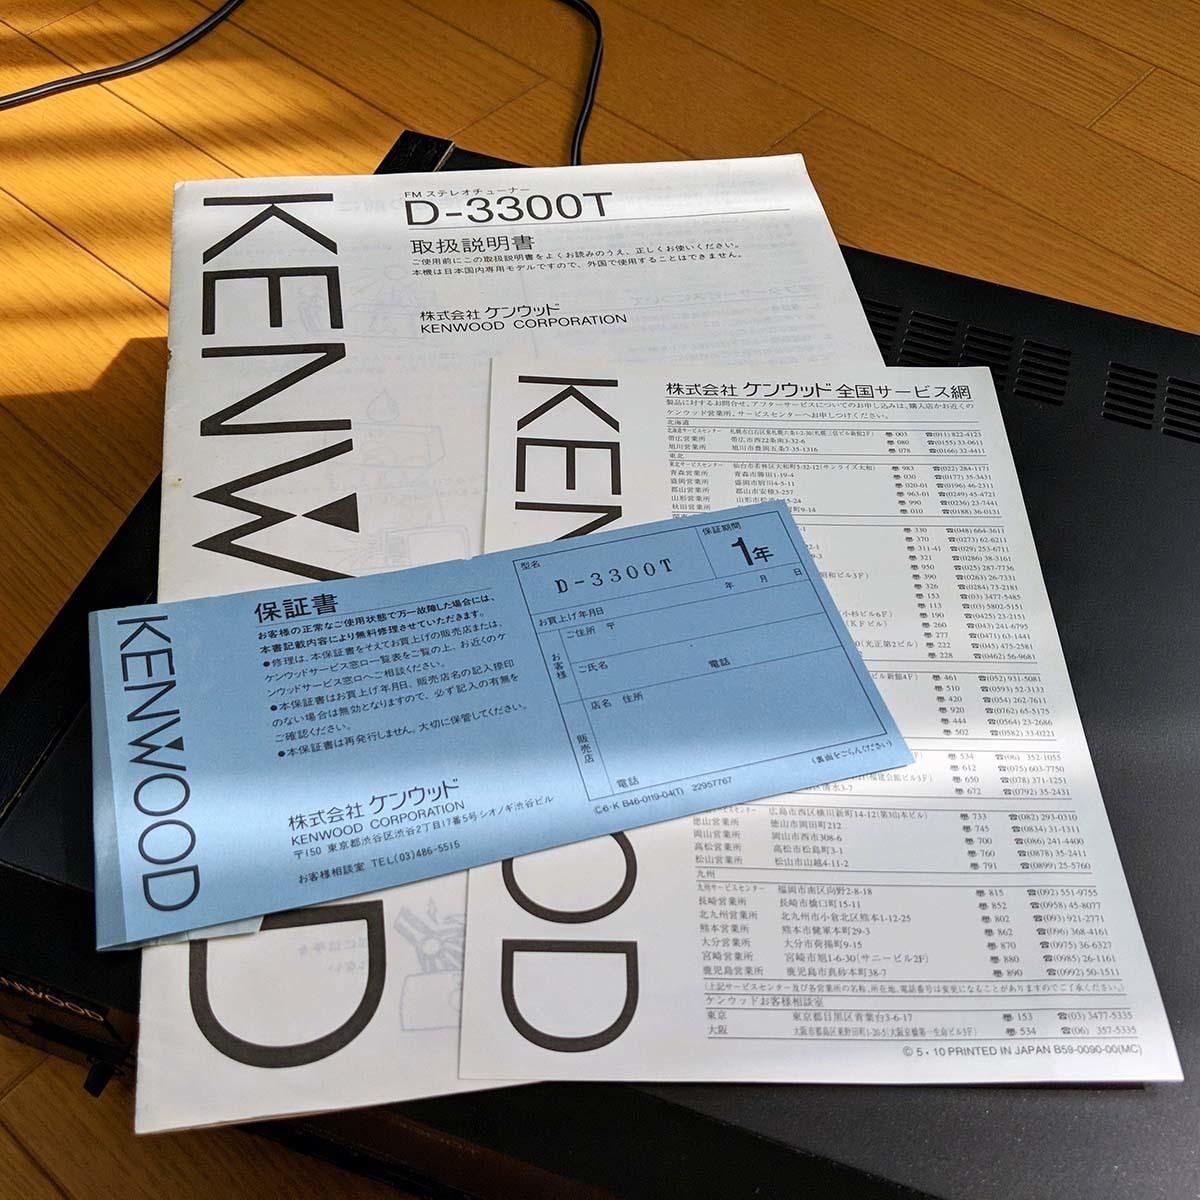 【美品・動作確認済・箱・取説あり】ケンウッド kenwood 高級FMチューナー D-3300T 定価14万円 (sampleエアチェックmp3あり)_画像8